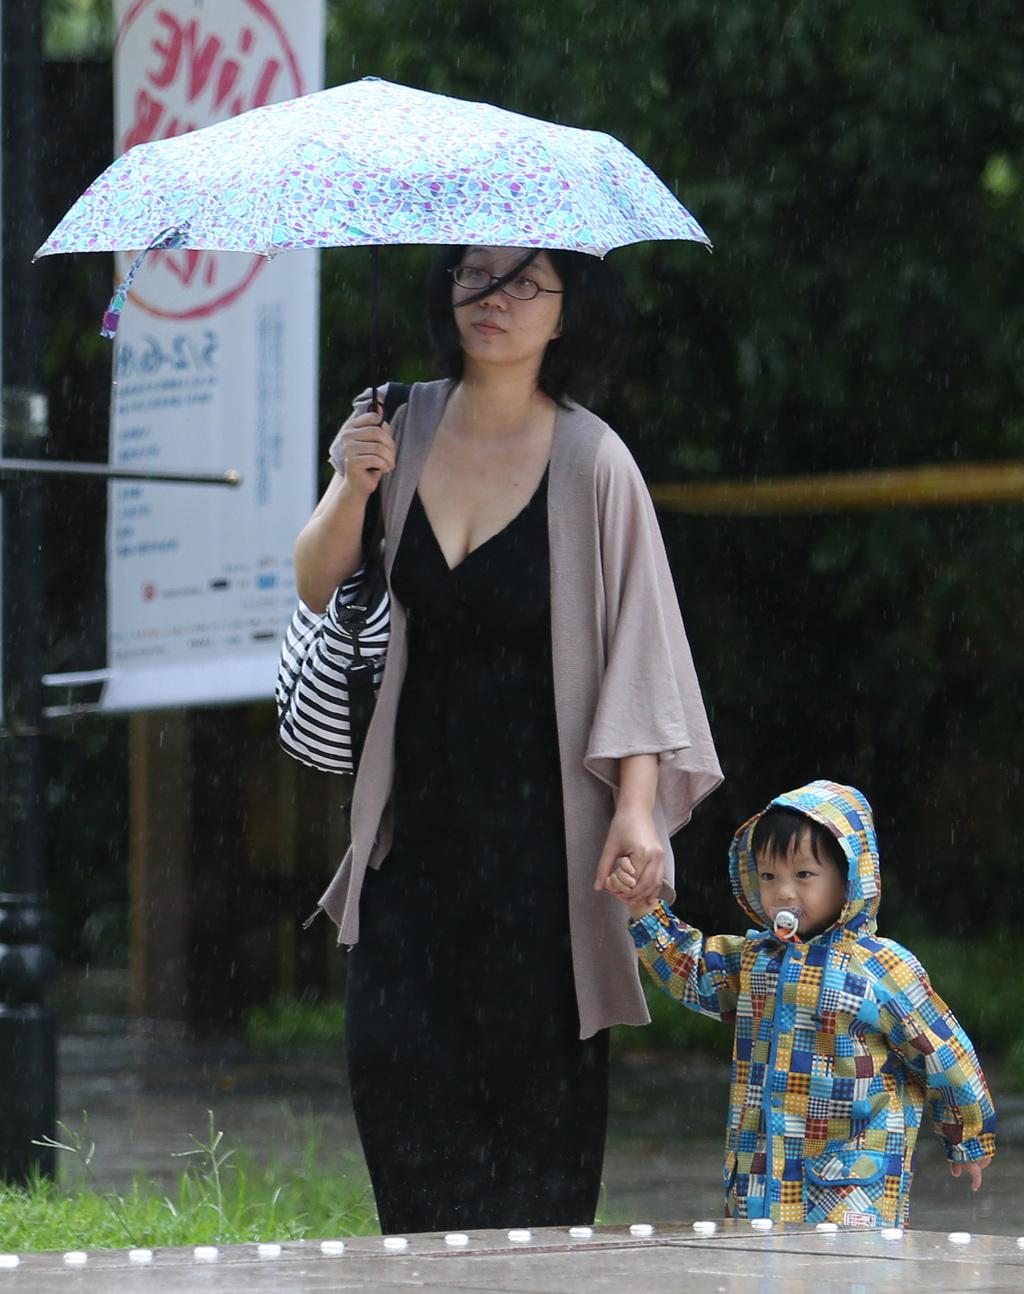 受梅雨鋒面影響,氣象局持續發布豪雨特報,並表示中部以北是豪雨警戒區,呼籲民眾注意。中央社記者張新偉攝 103年5月20日